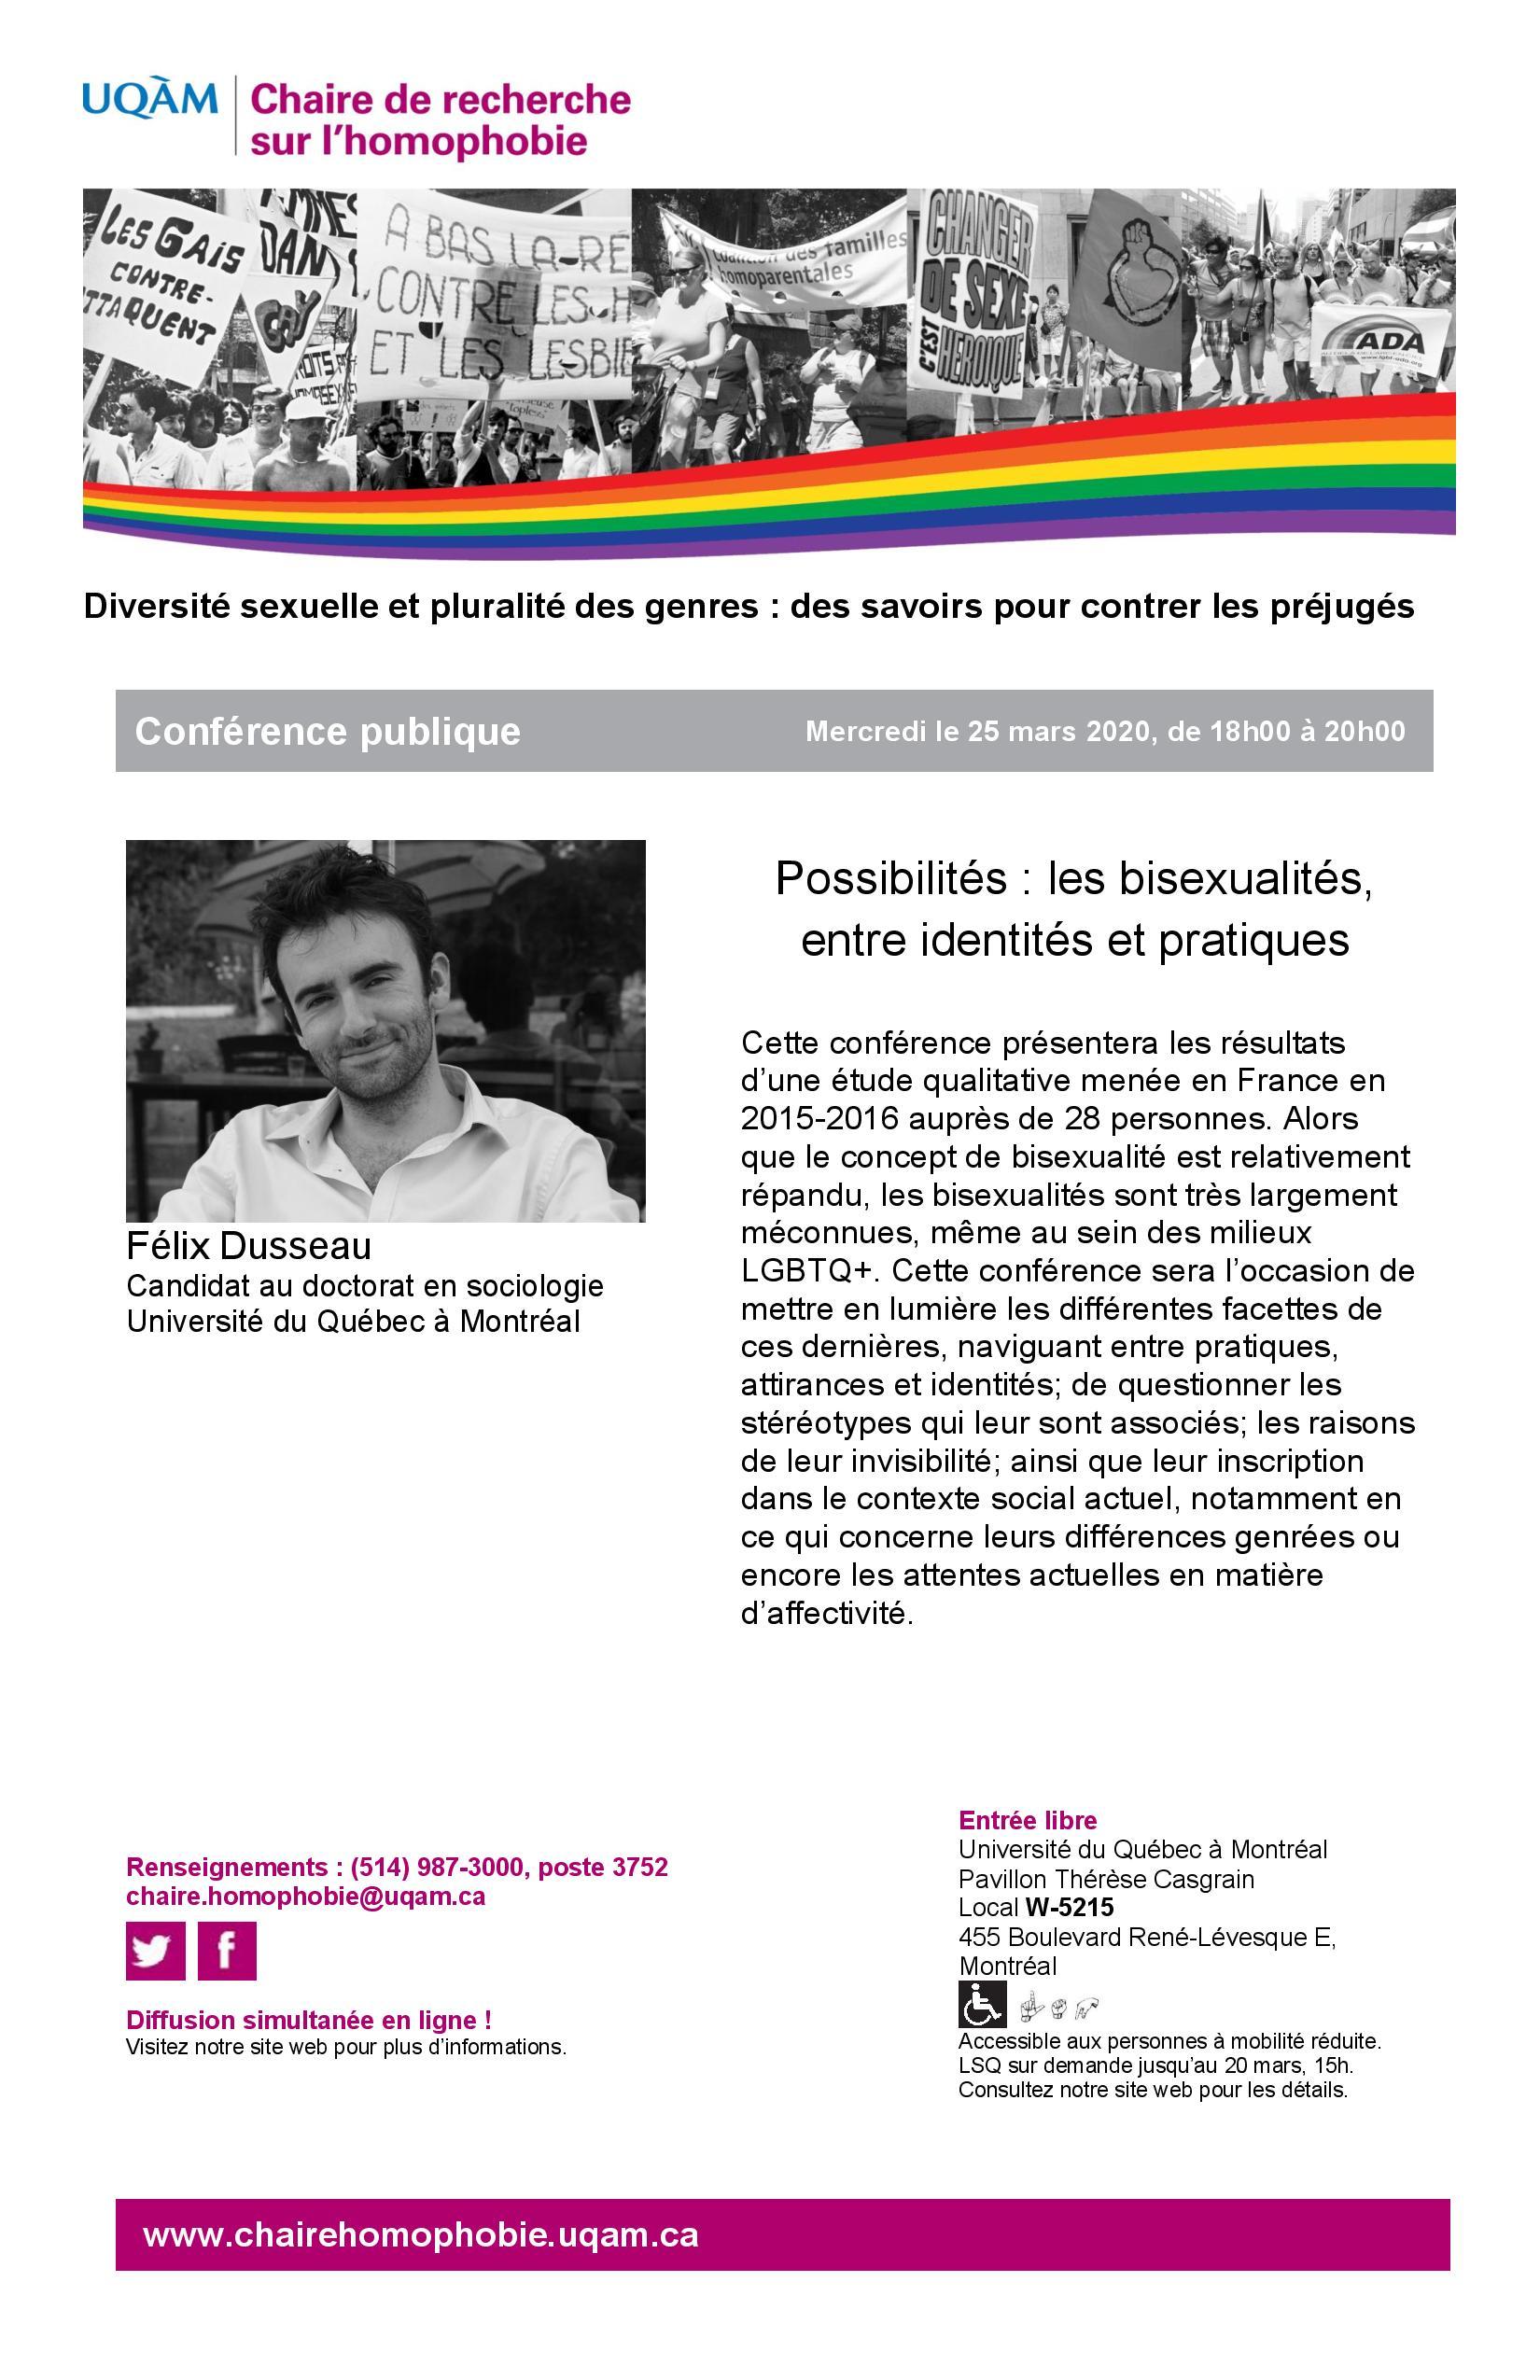 REPORTÉE CONFÉRENCE PUBLIQUE | Possibilités : les bisexualités, entre identités et pratiques